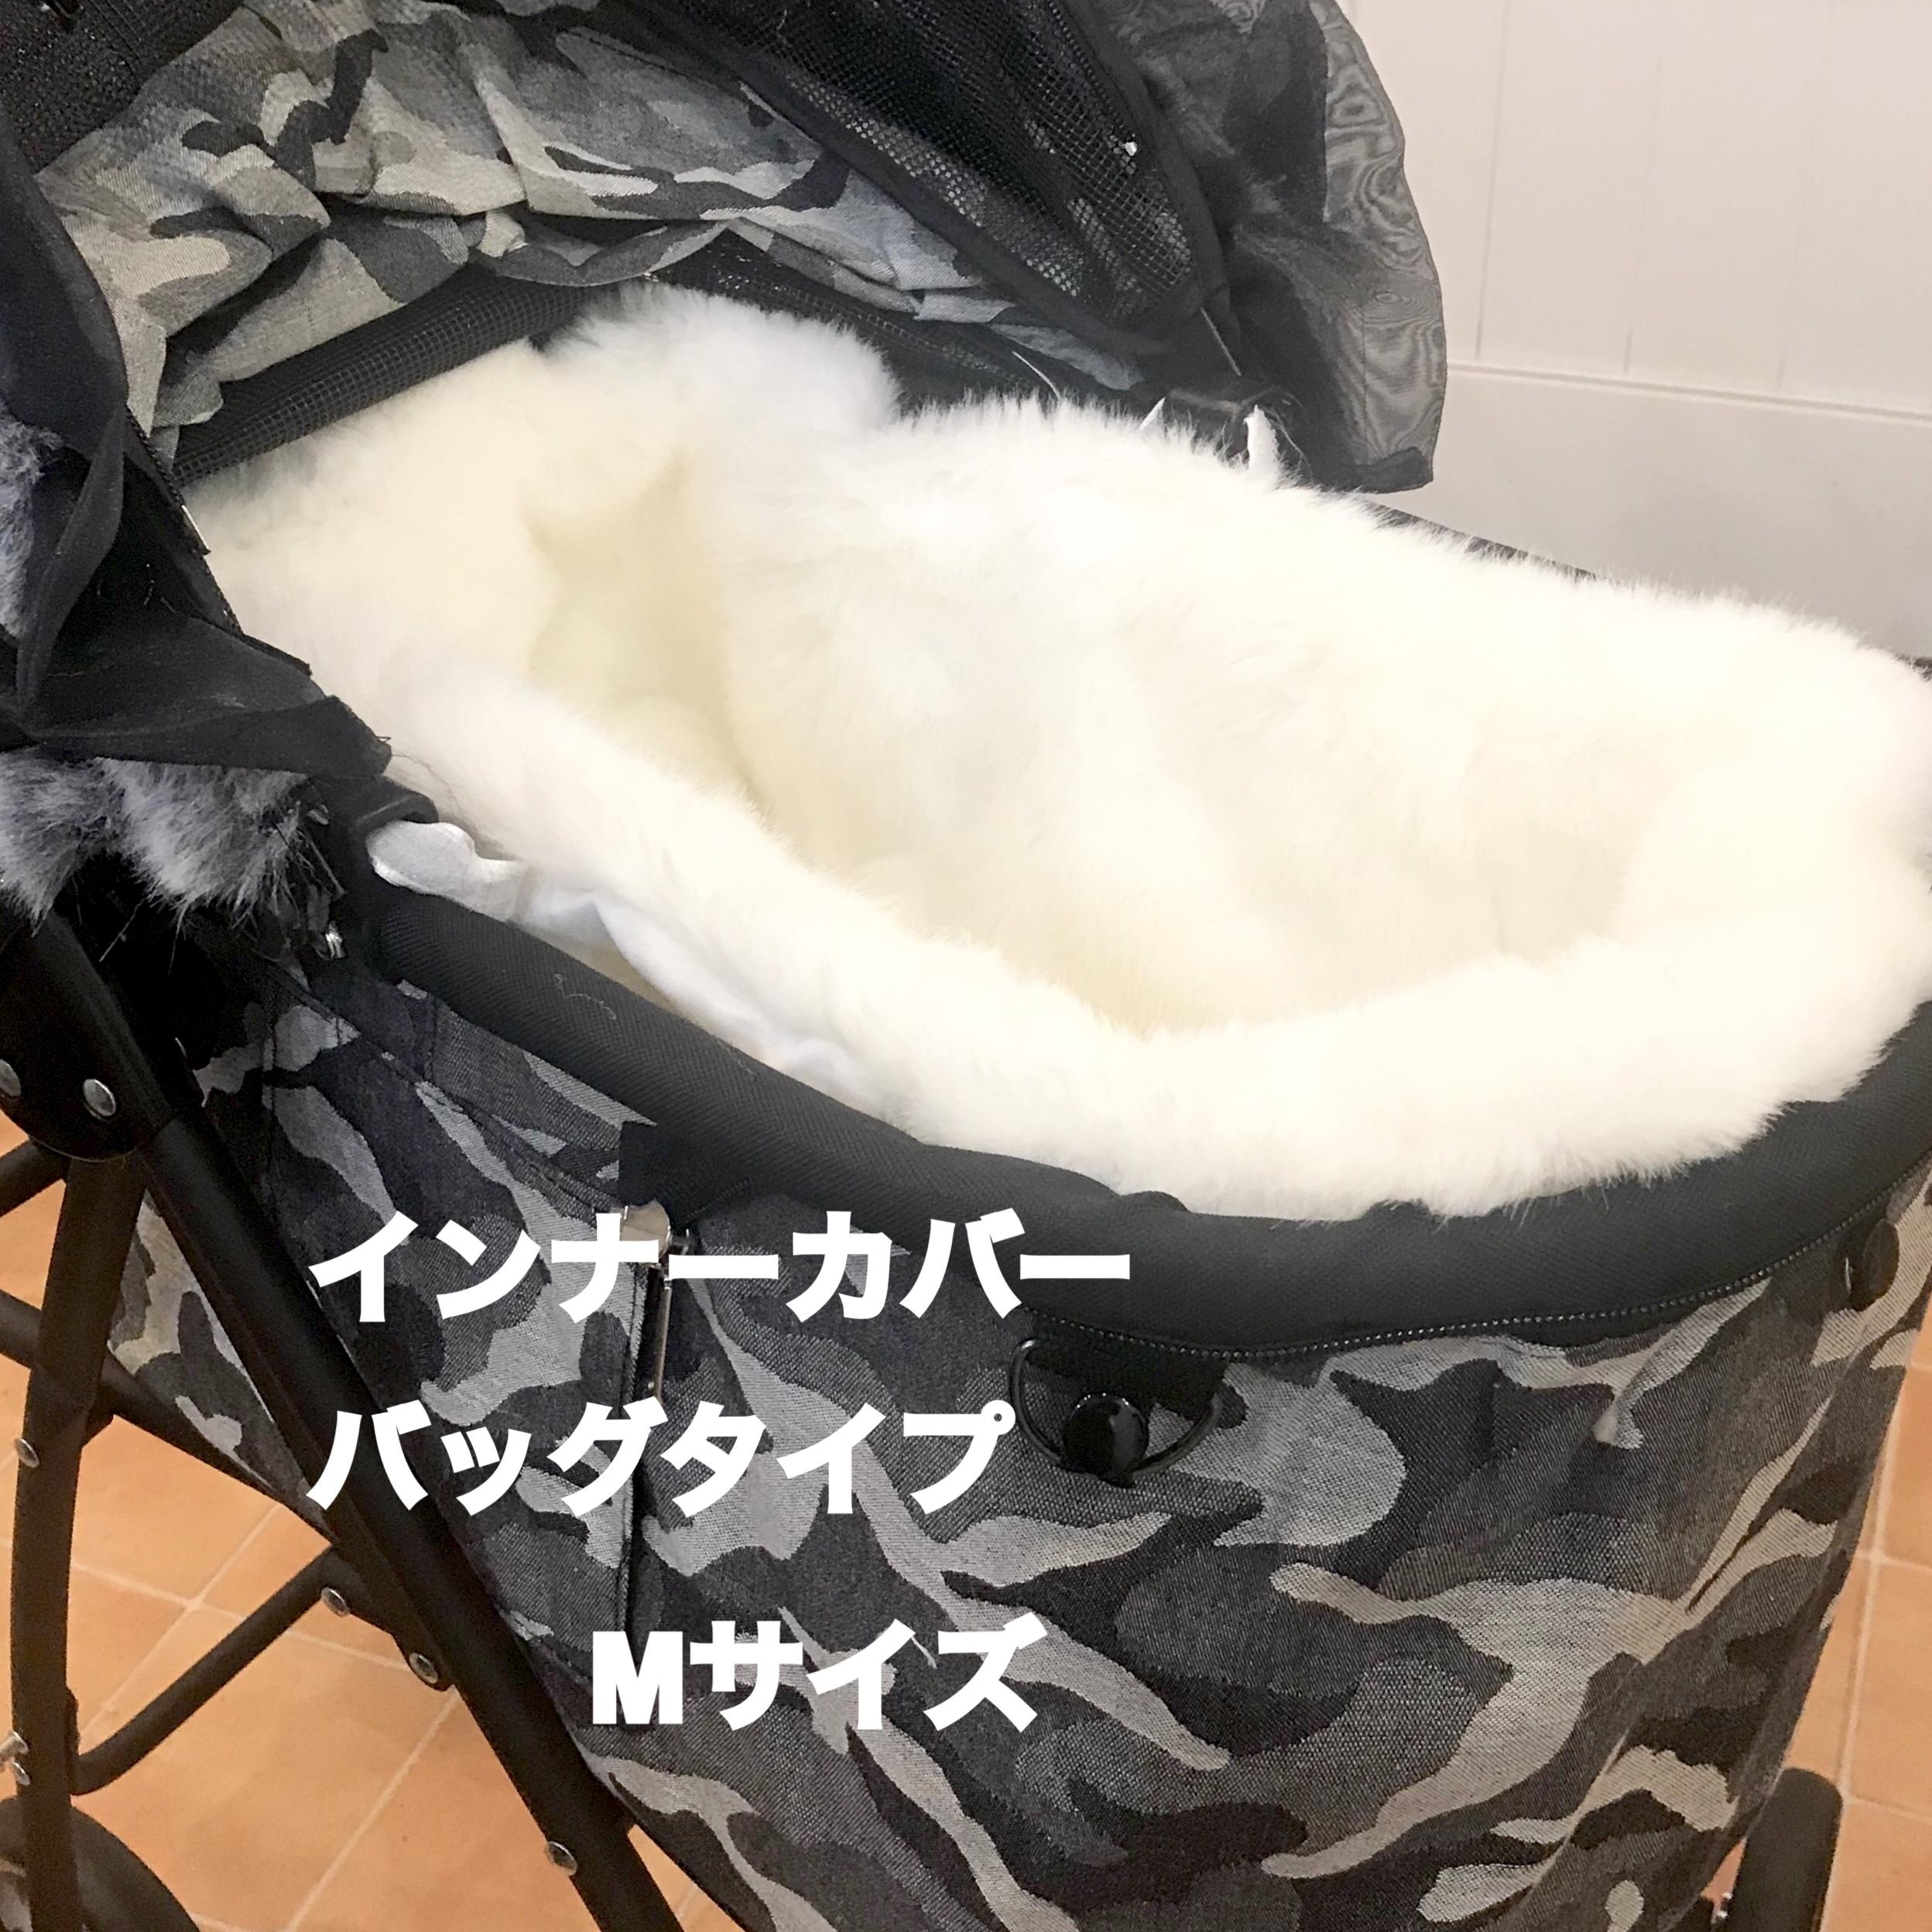 《ゴージャスファーのインナーカバー&マットセット》インナーバッグタイプ   M①サイズ